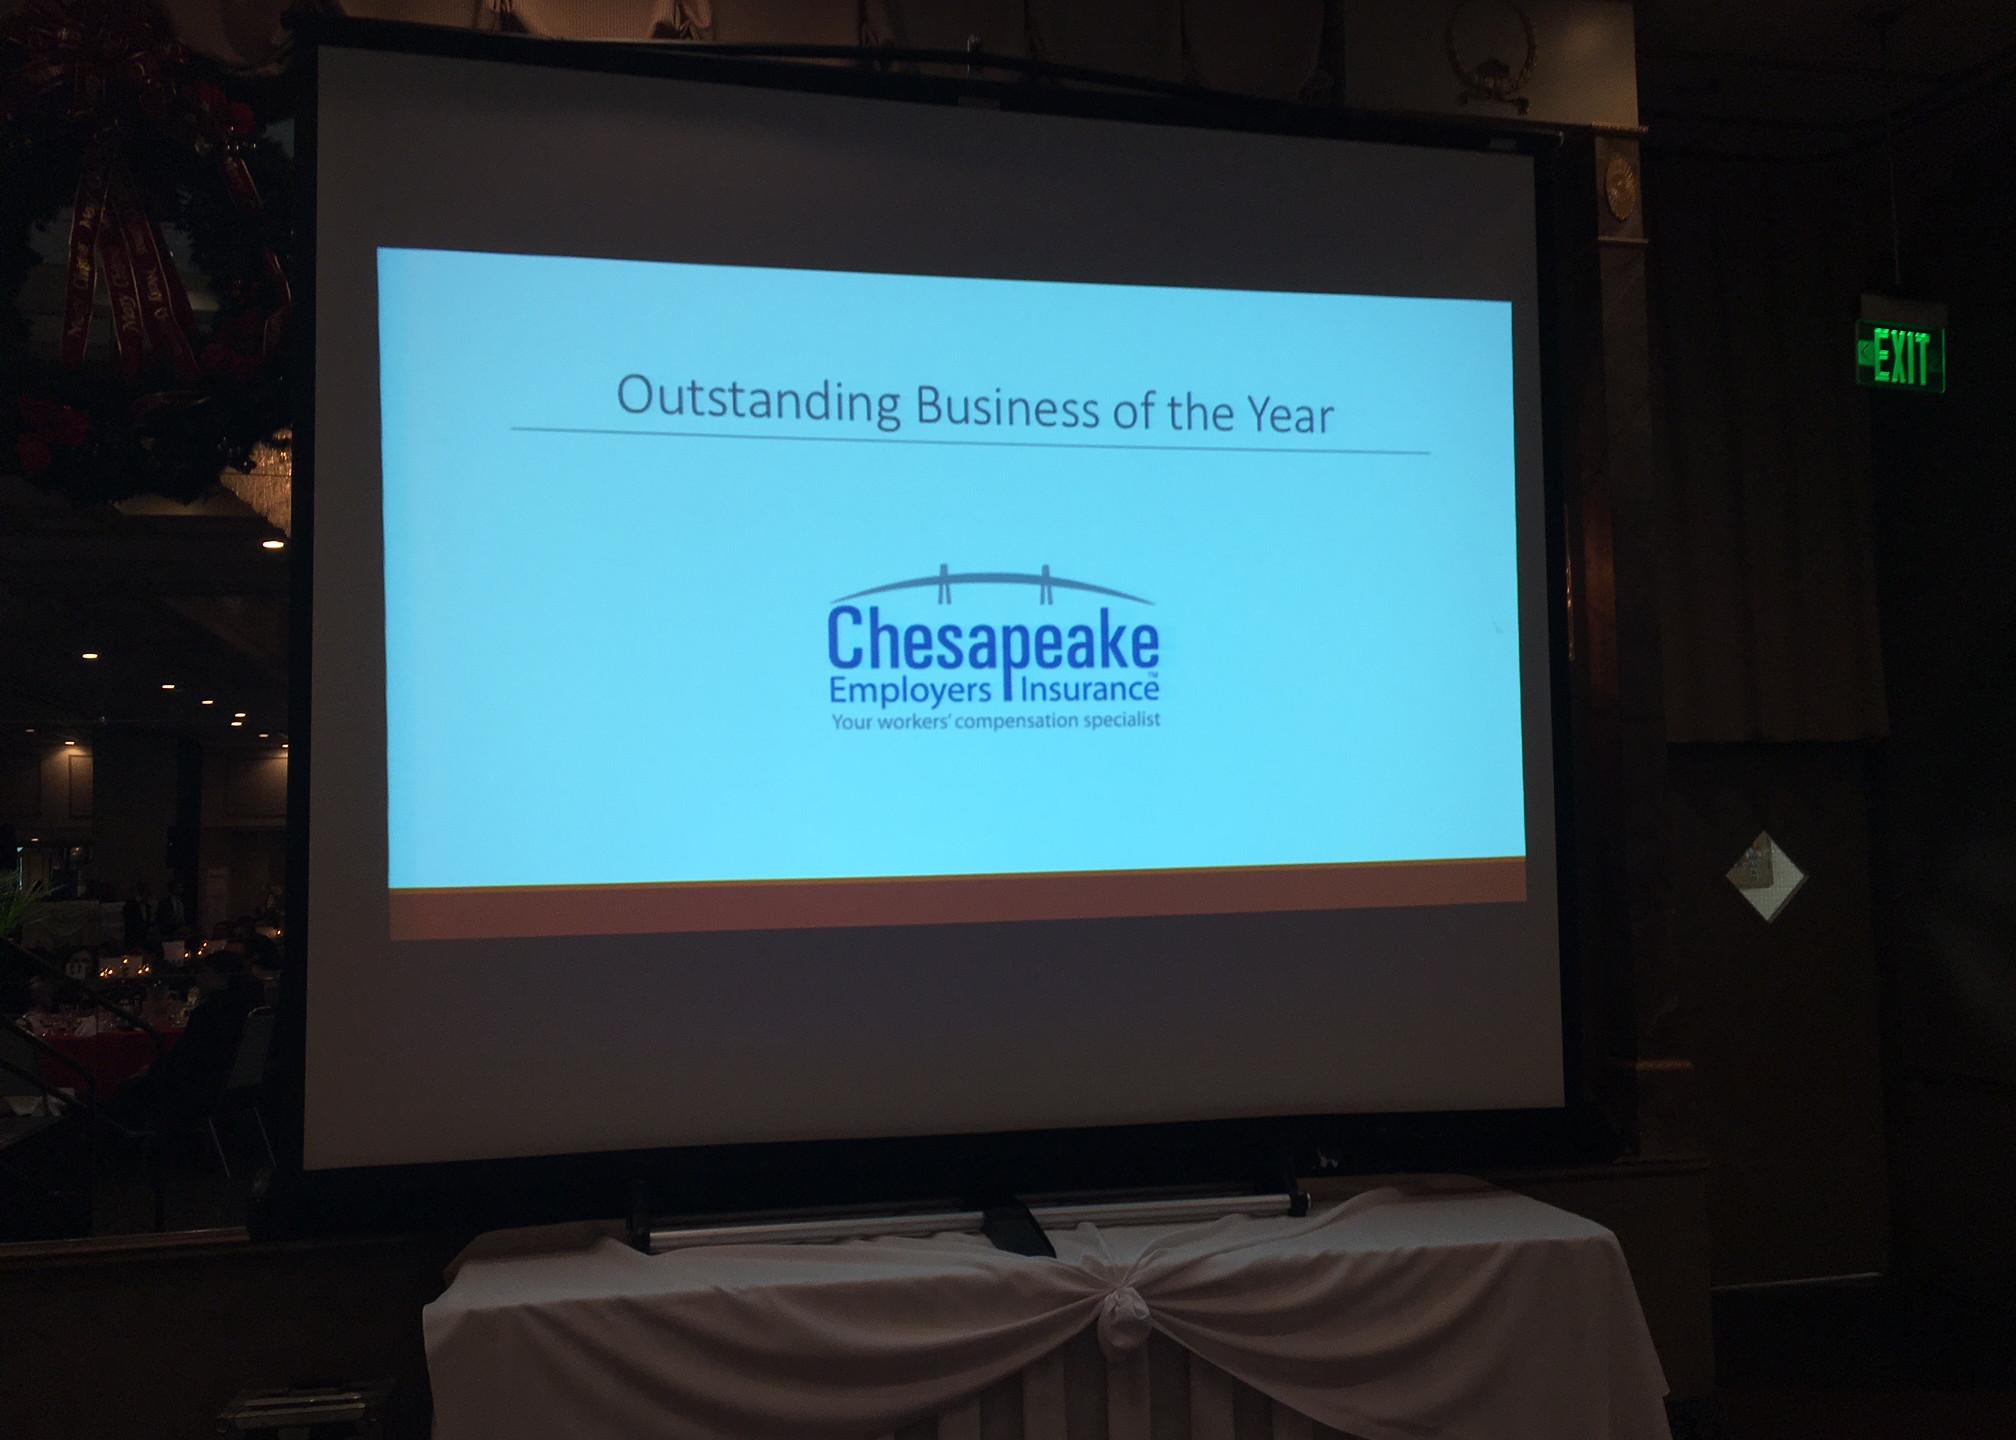 Chesapeake Employer's Insurance